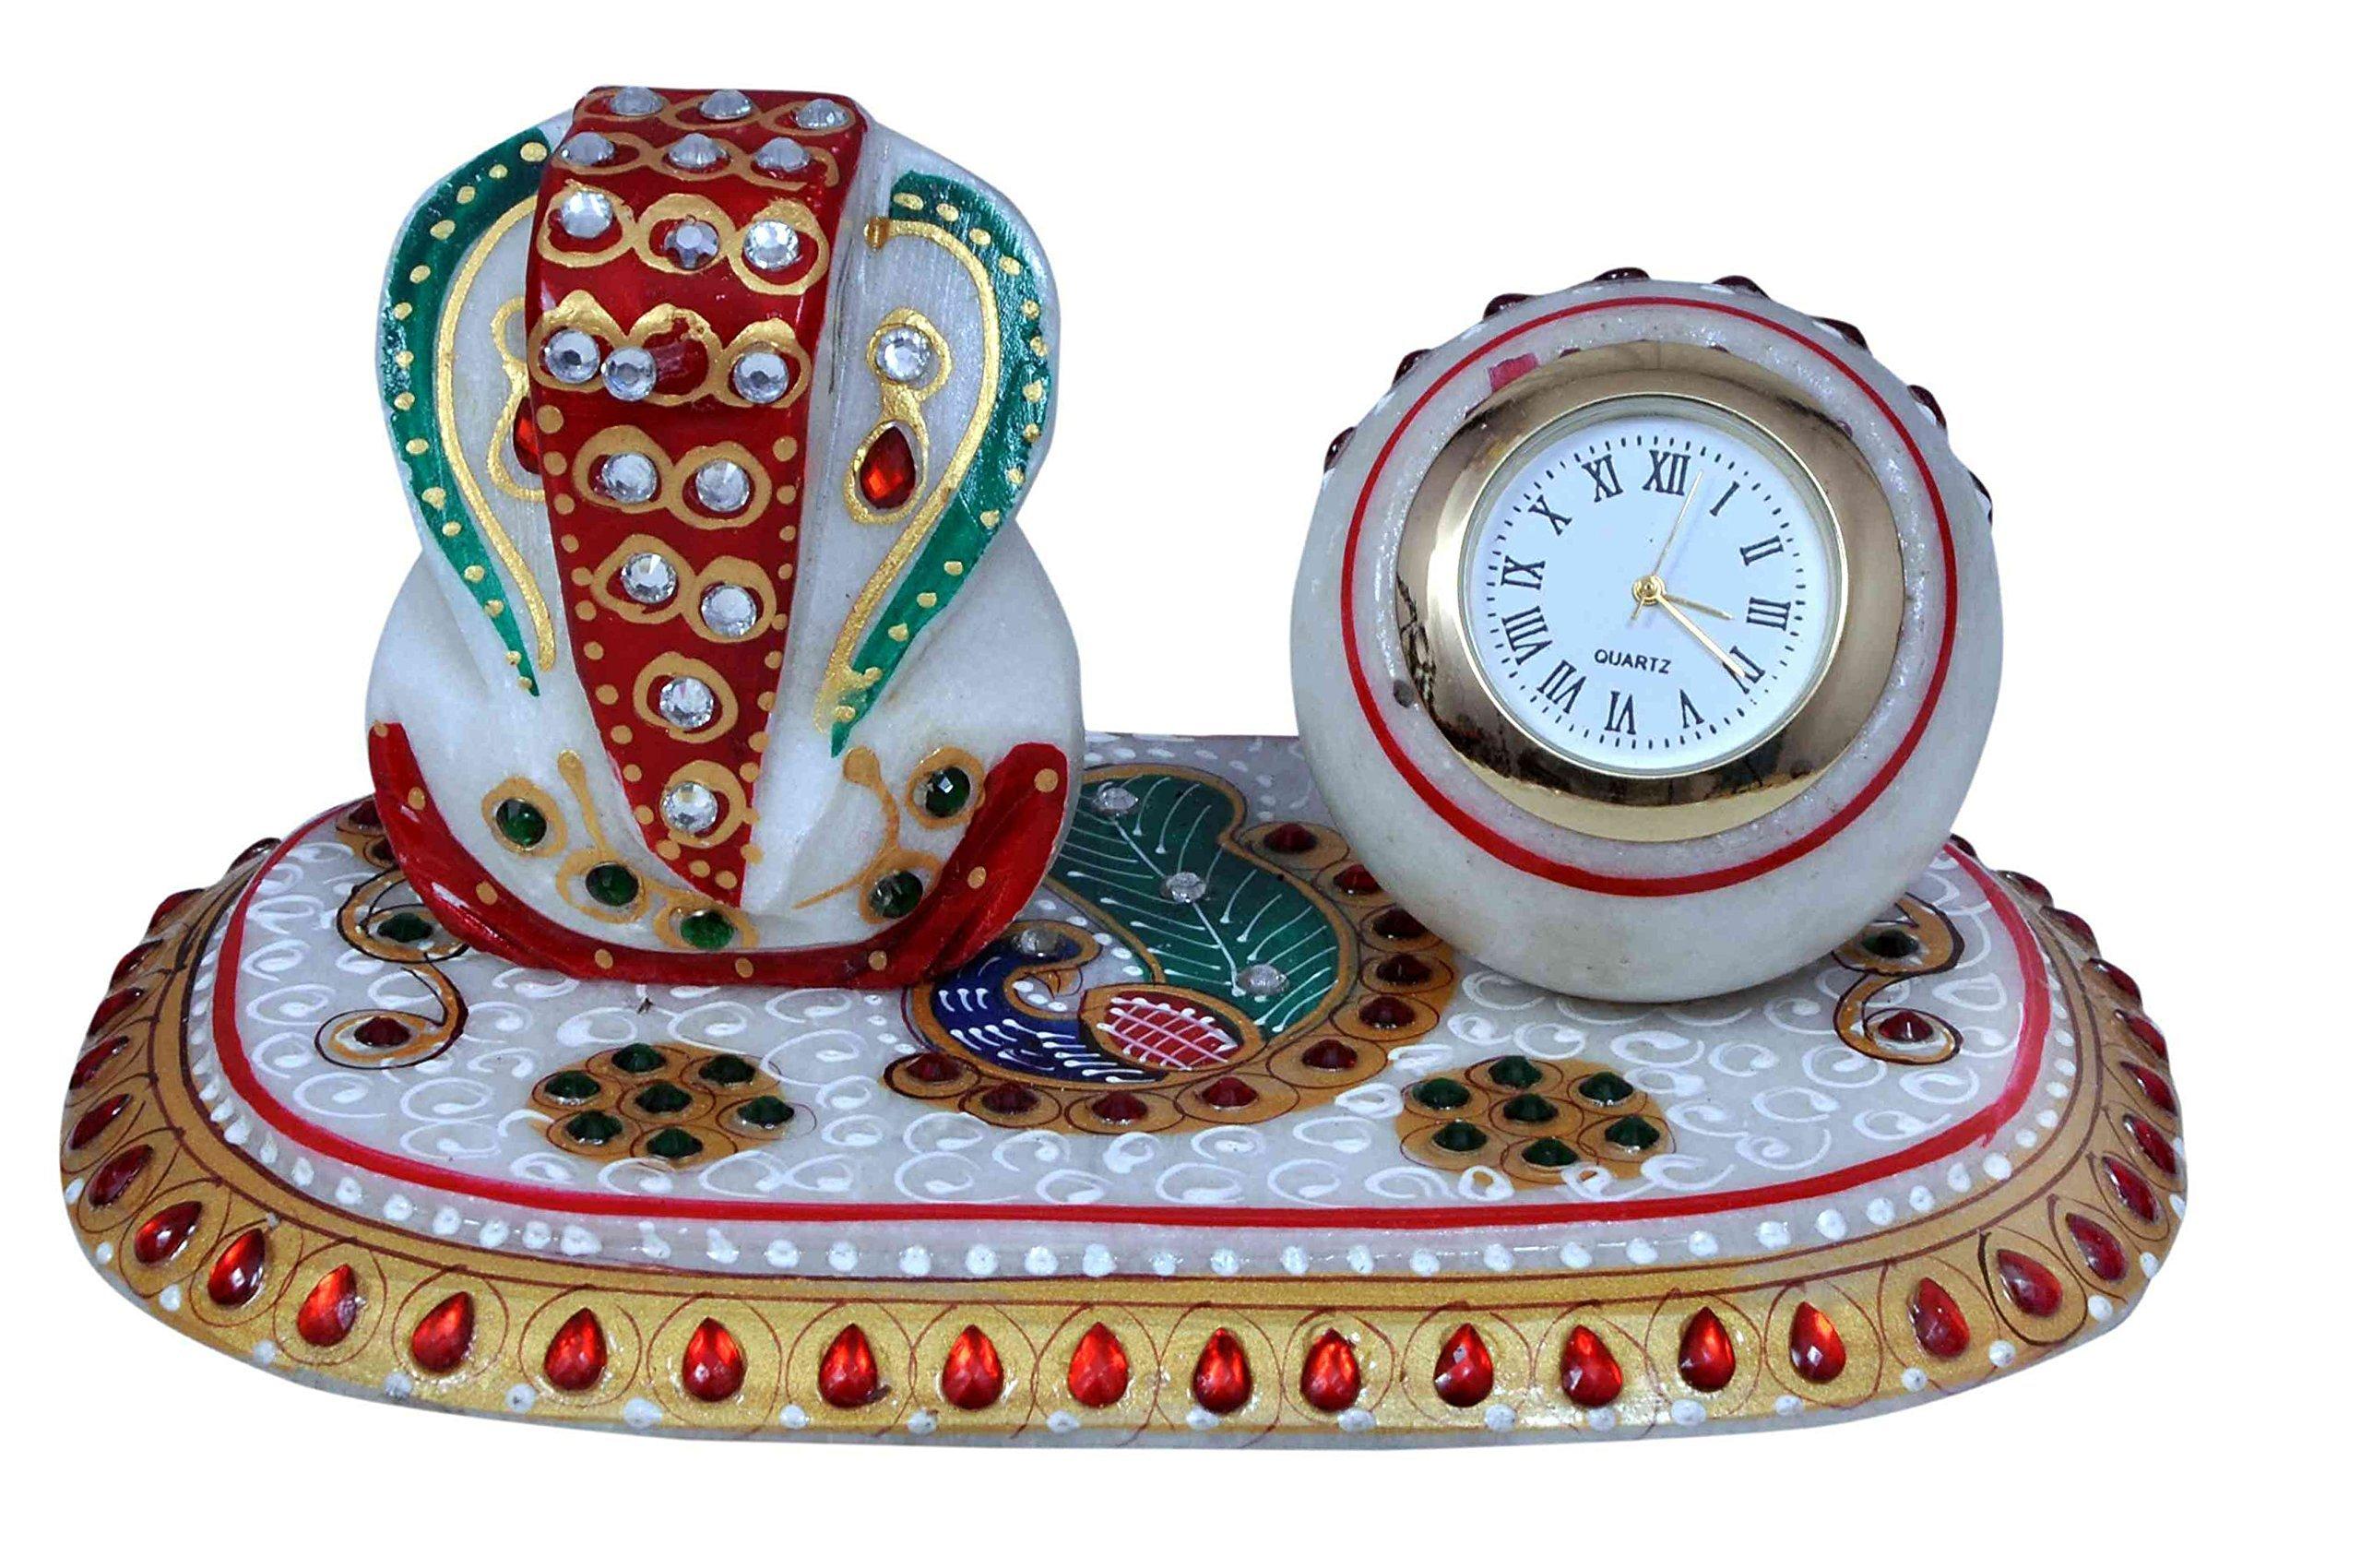 Craft Trade Antique Designer Analog Watch And Lord Ganesh Idol With Pawati 8.5x10 Multi Purpose Designer Analog Watch